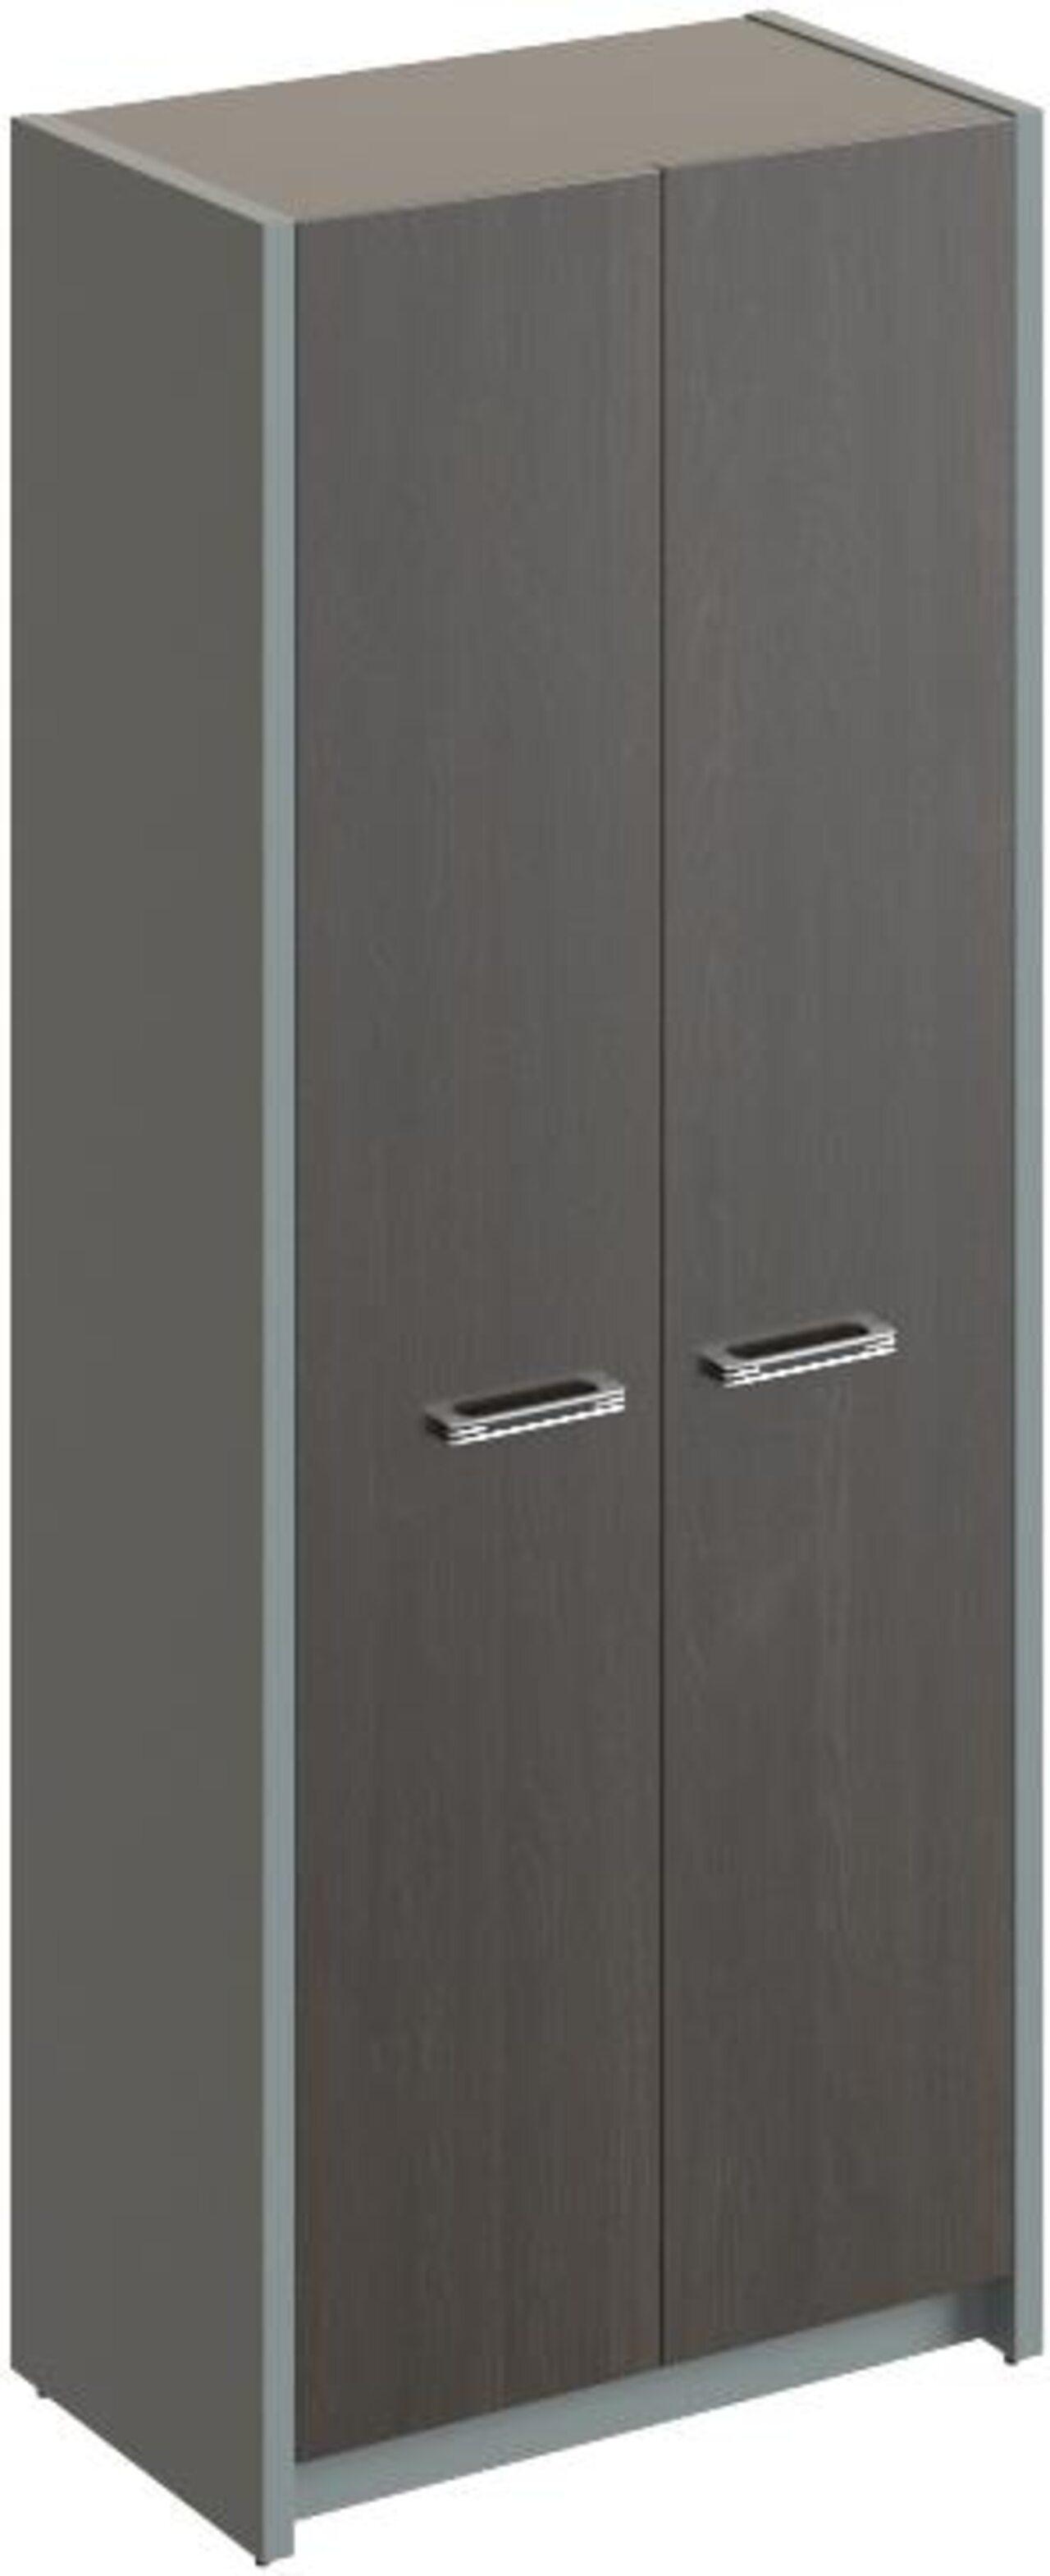 Шкаф для одежды с выдвижной штангой  Дельта 80x45x200 - фото 1